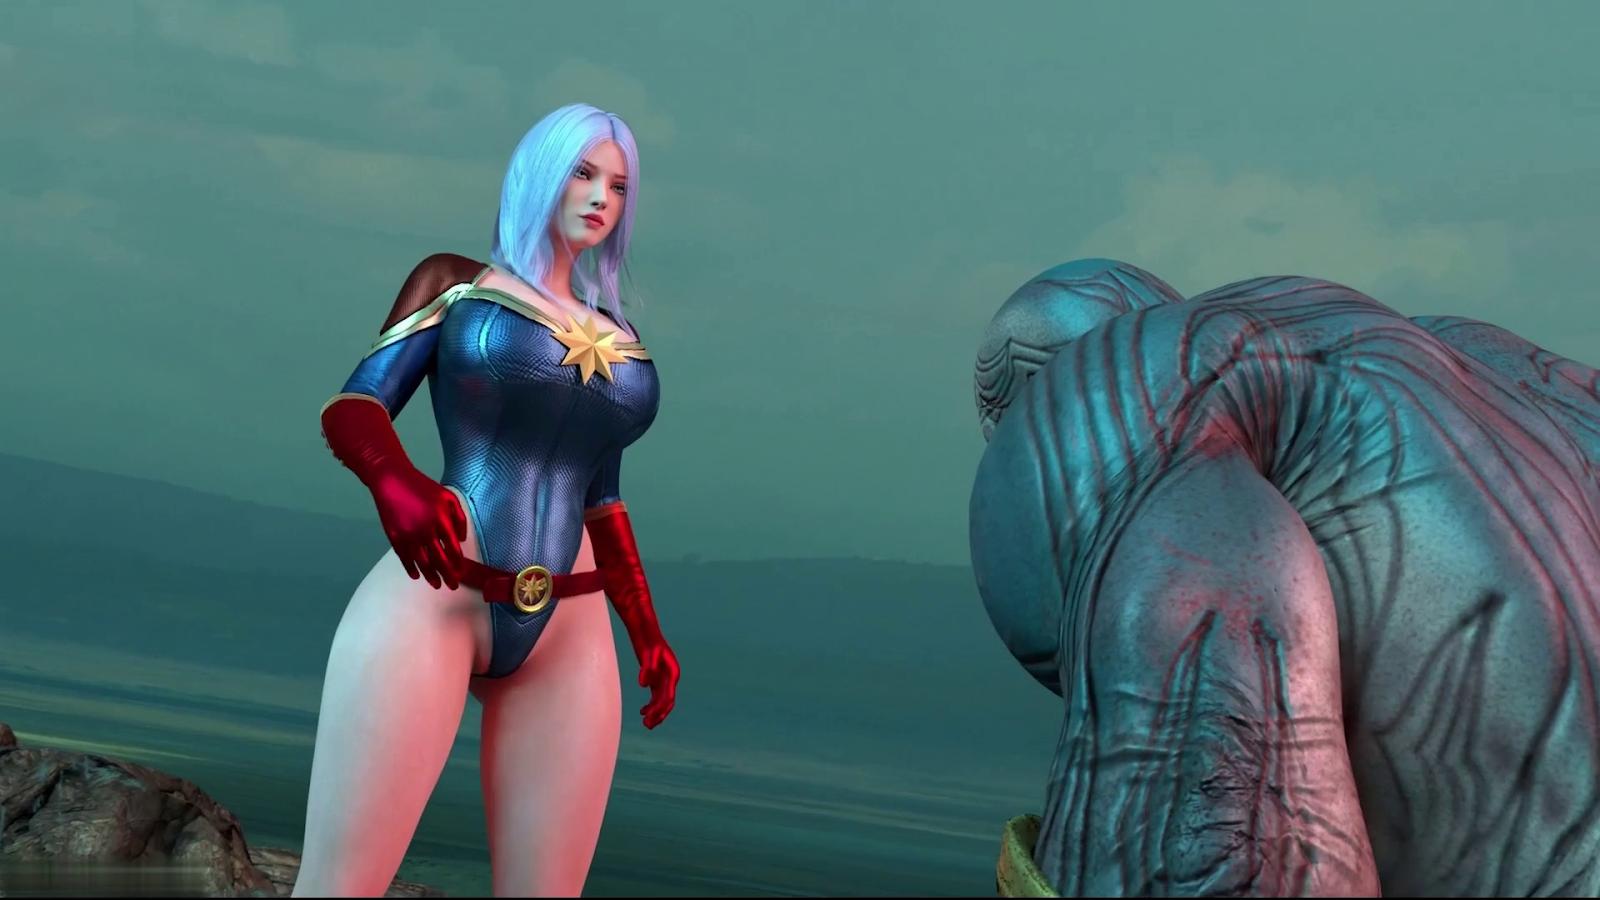 [VIDEO] The Lust Avenger